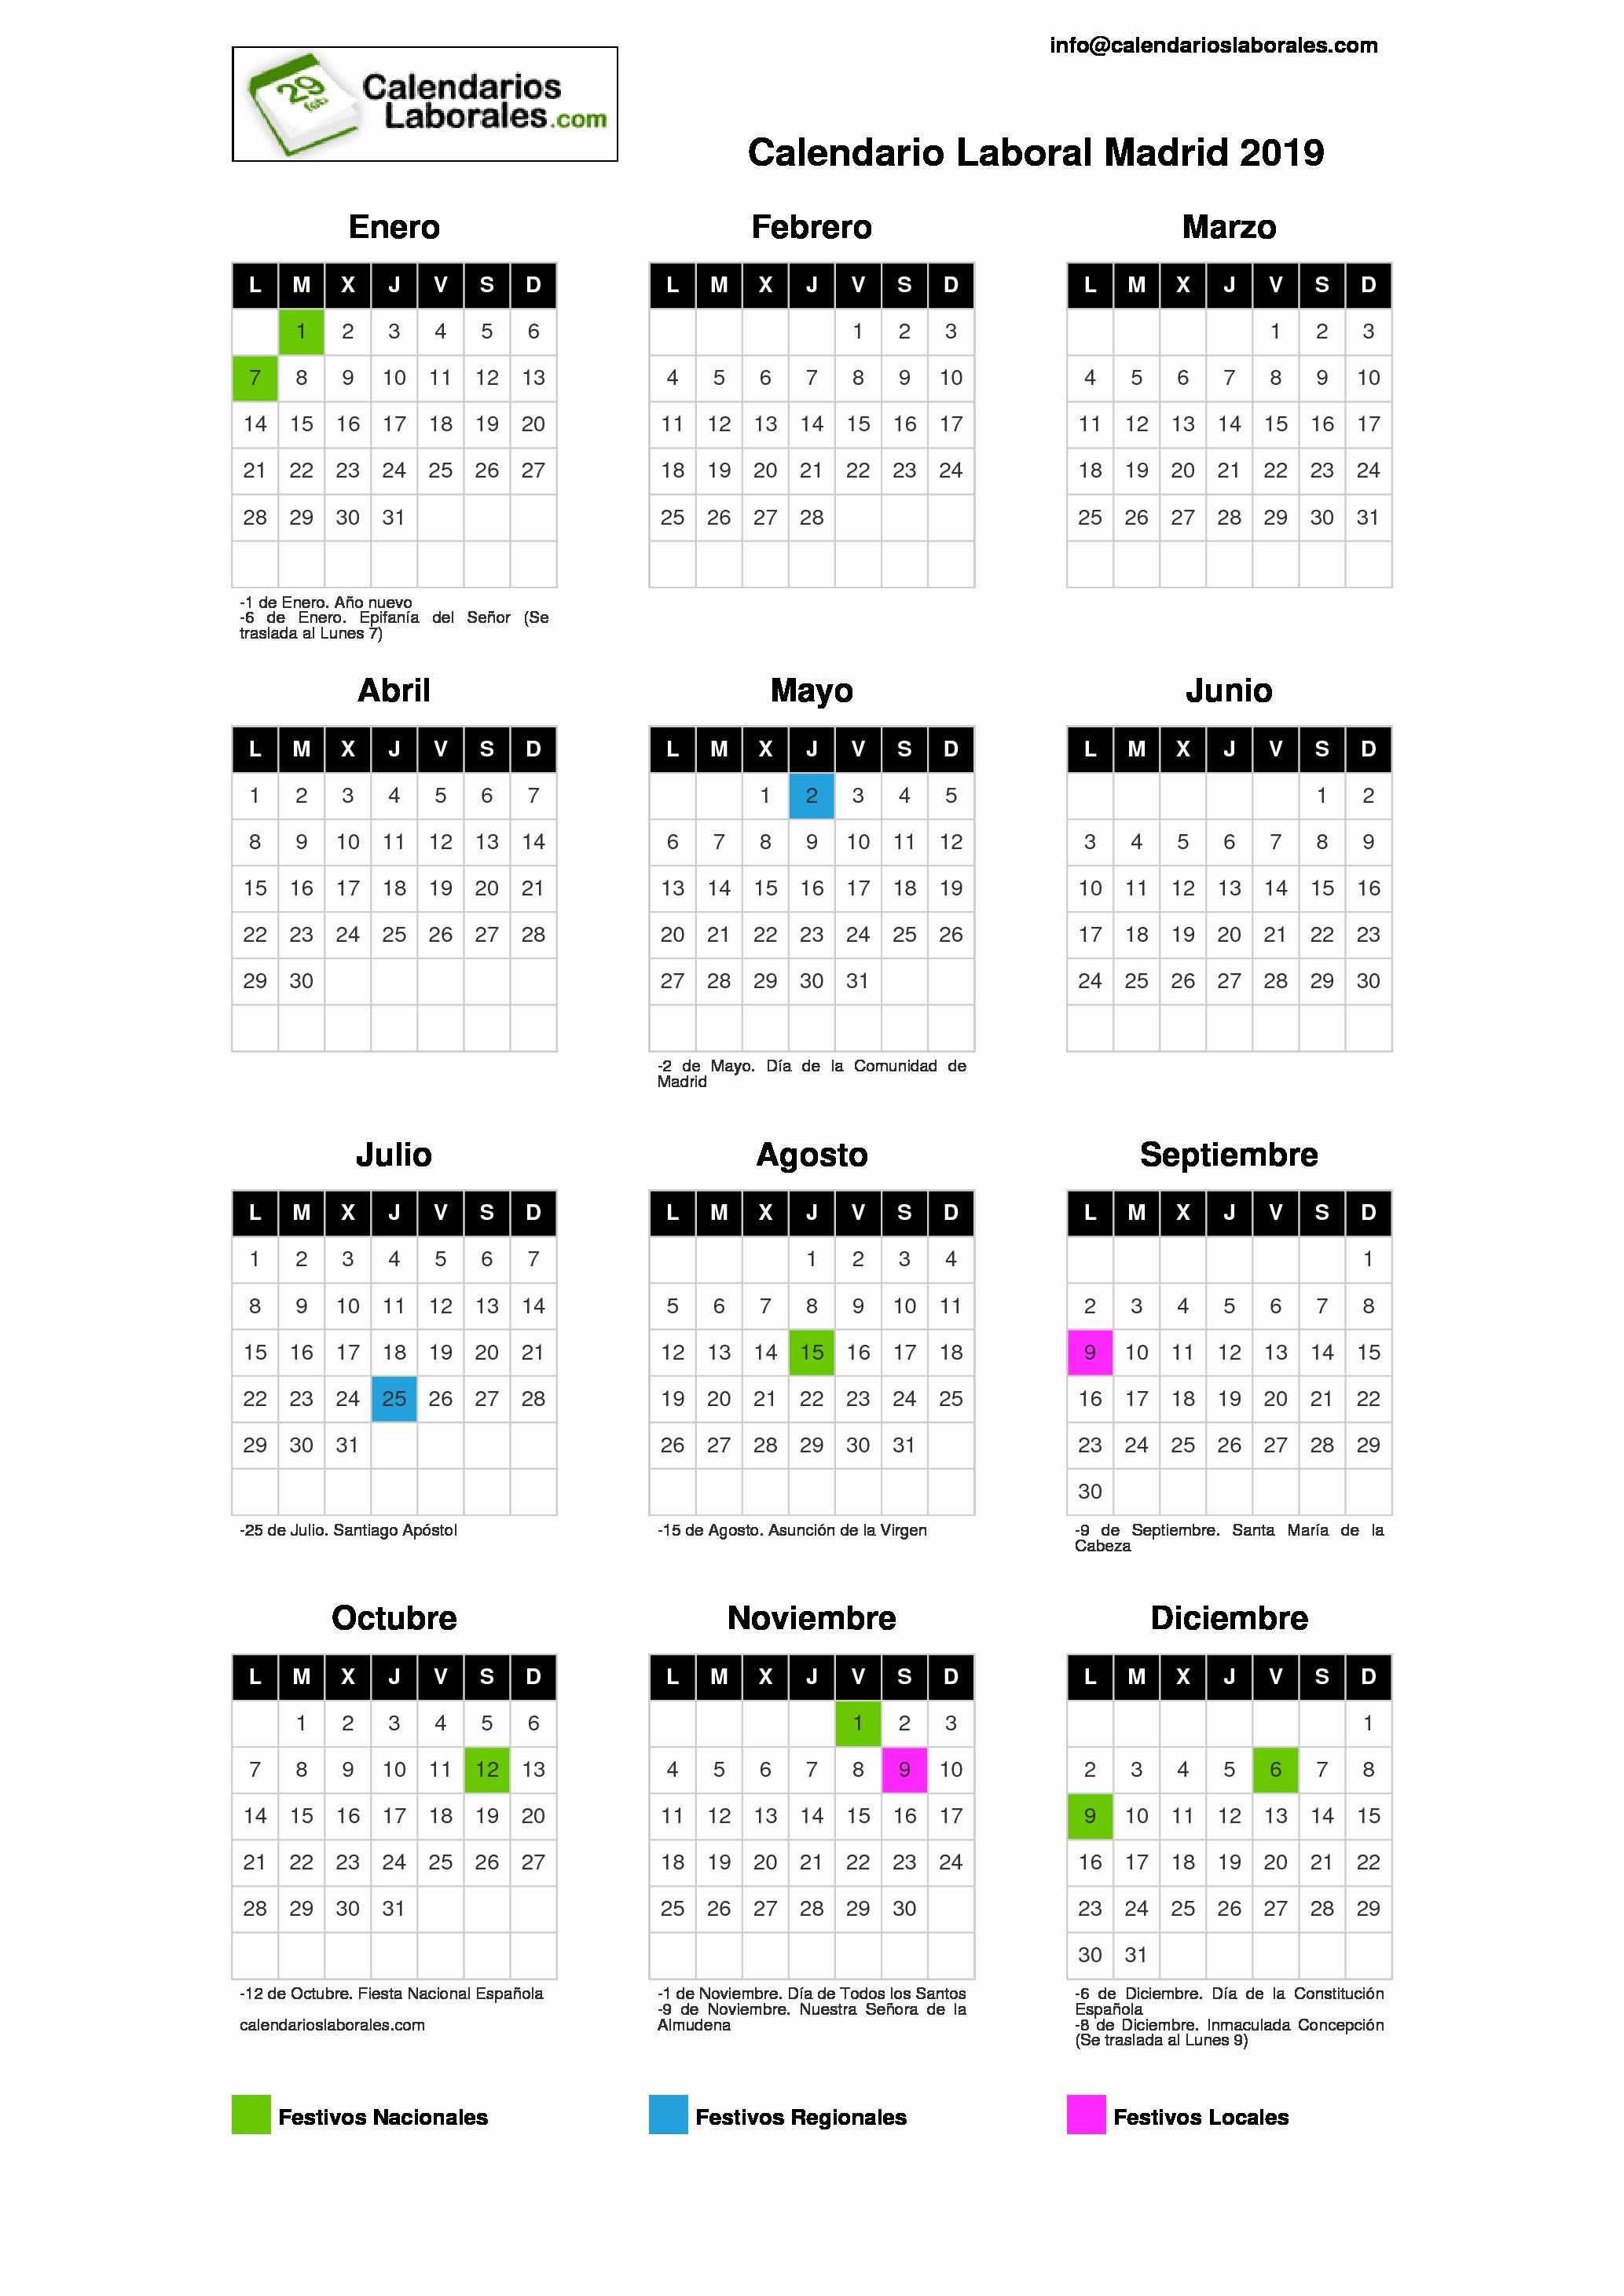 calendario 2019 con los dias festivos actual calendario dr 2019 calendario laboral madrid 2019 of calendario 2019 con los dias festivos